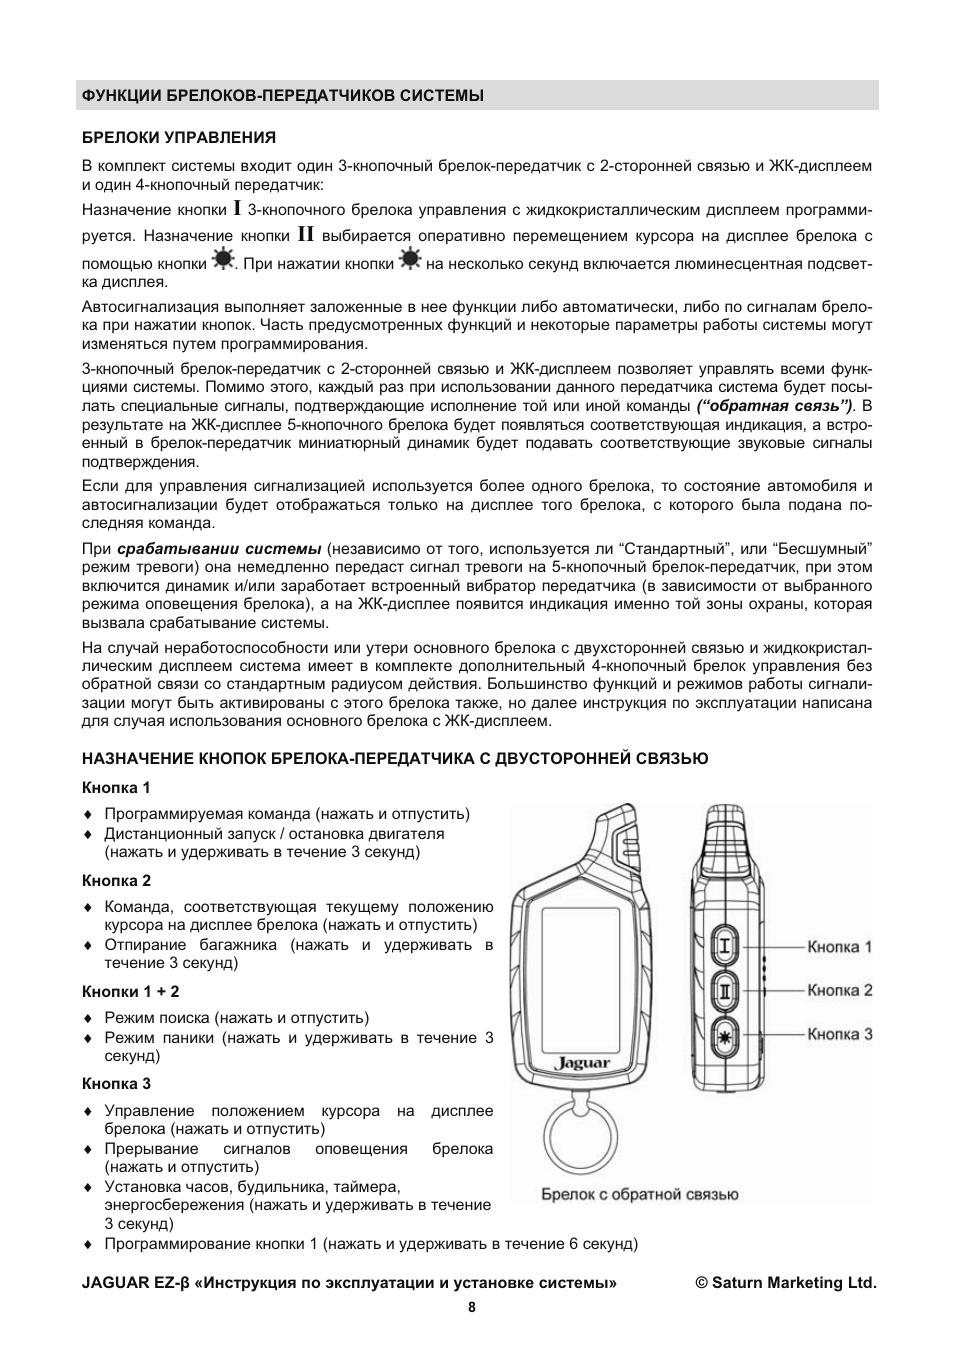 инструкция по эксплуатации автосигнализации ягуар tez-b